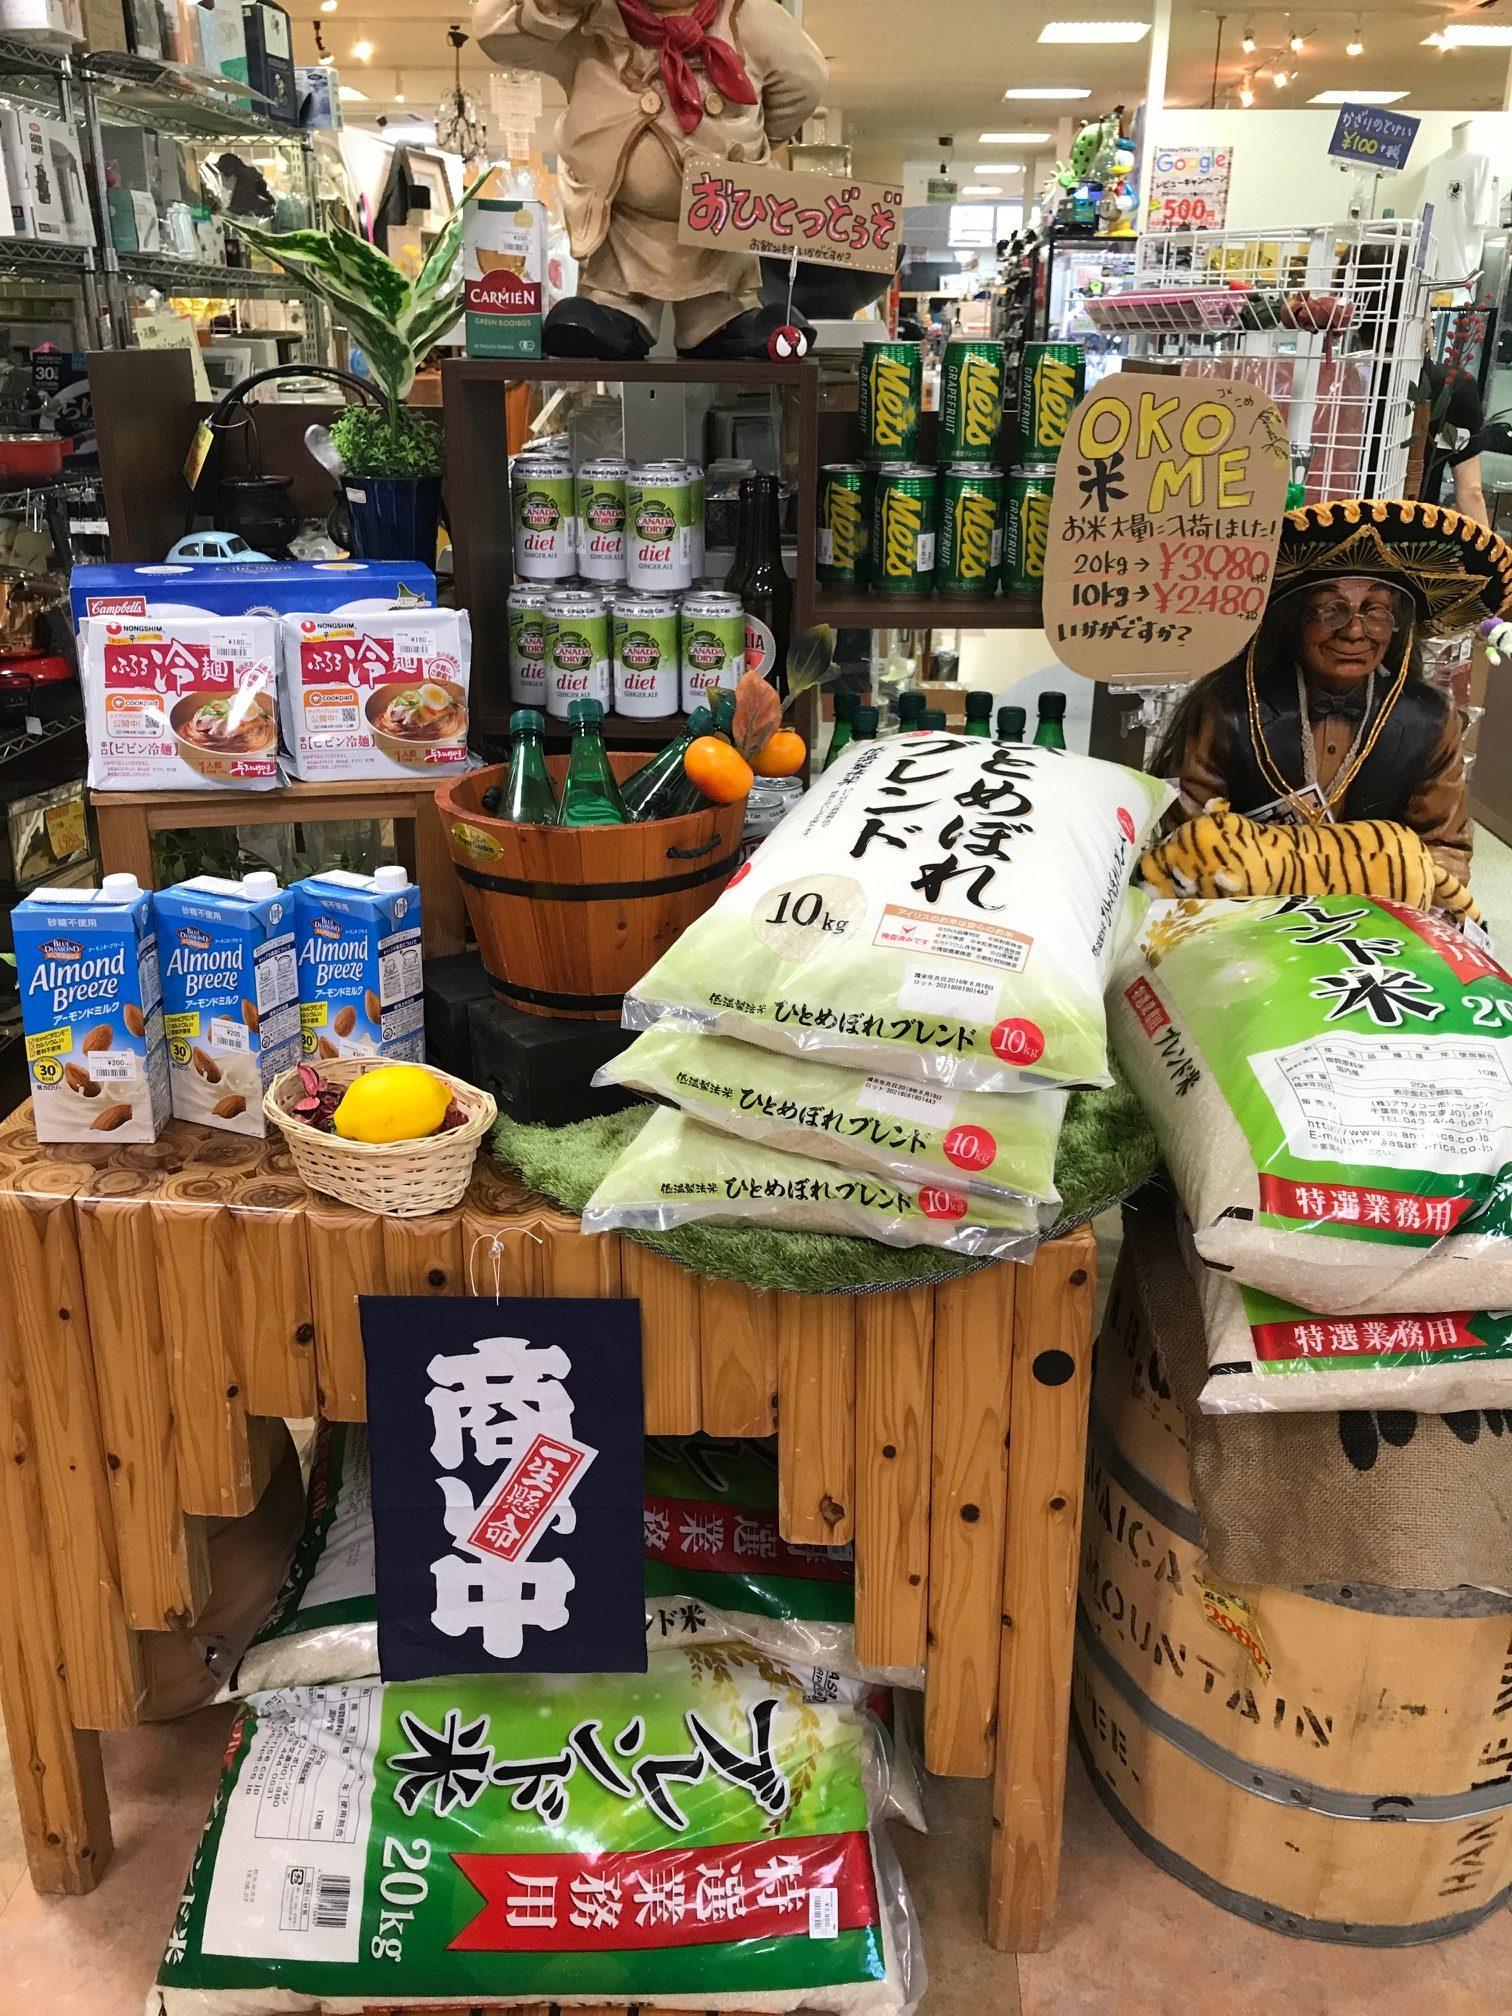 食品ギフト絶賛買取ちゅう!★サンステッププラスワッセ店 買取 買い取り 福井市